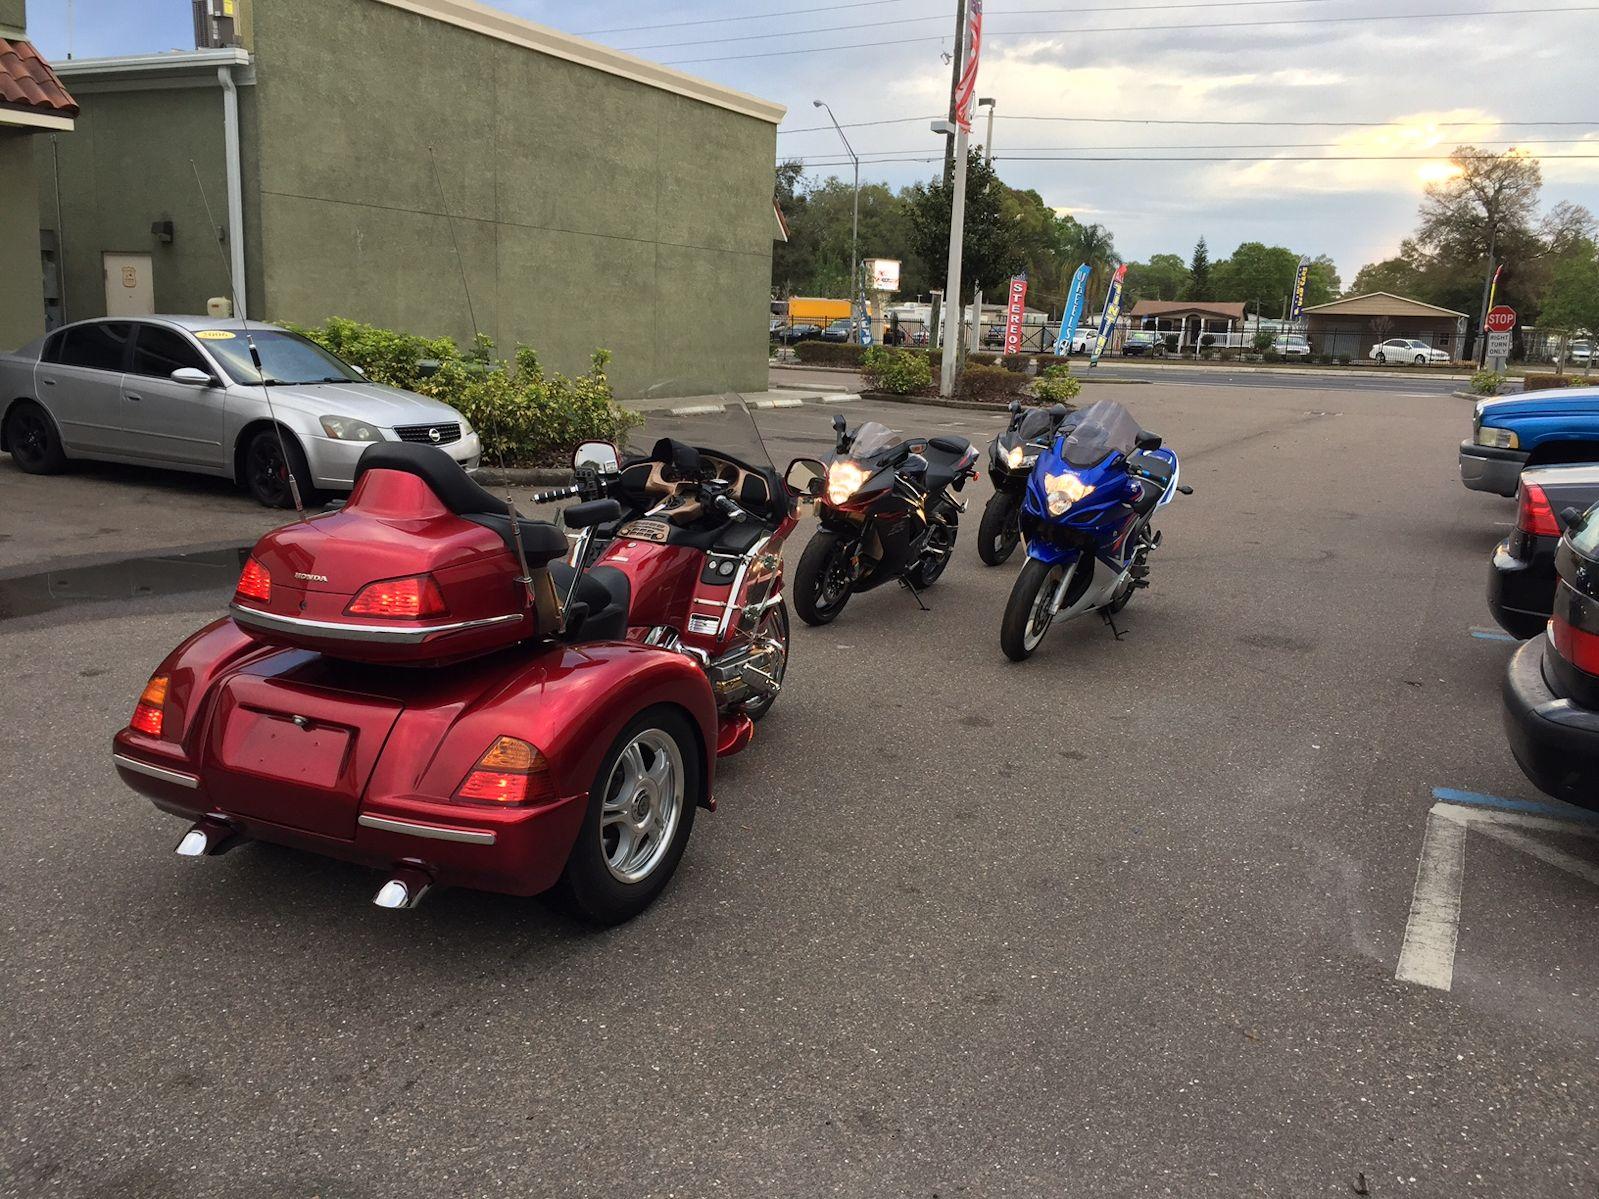 Trike Motorcycle vs Sport Bikes